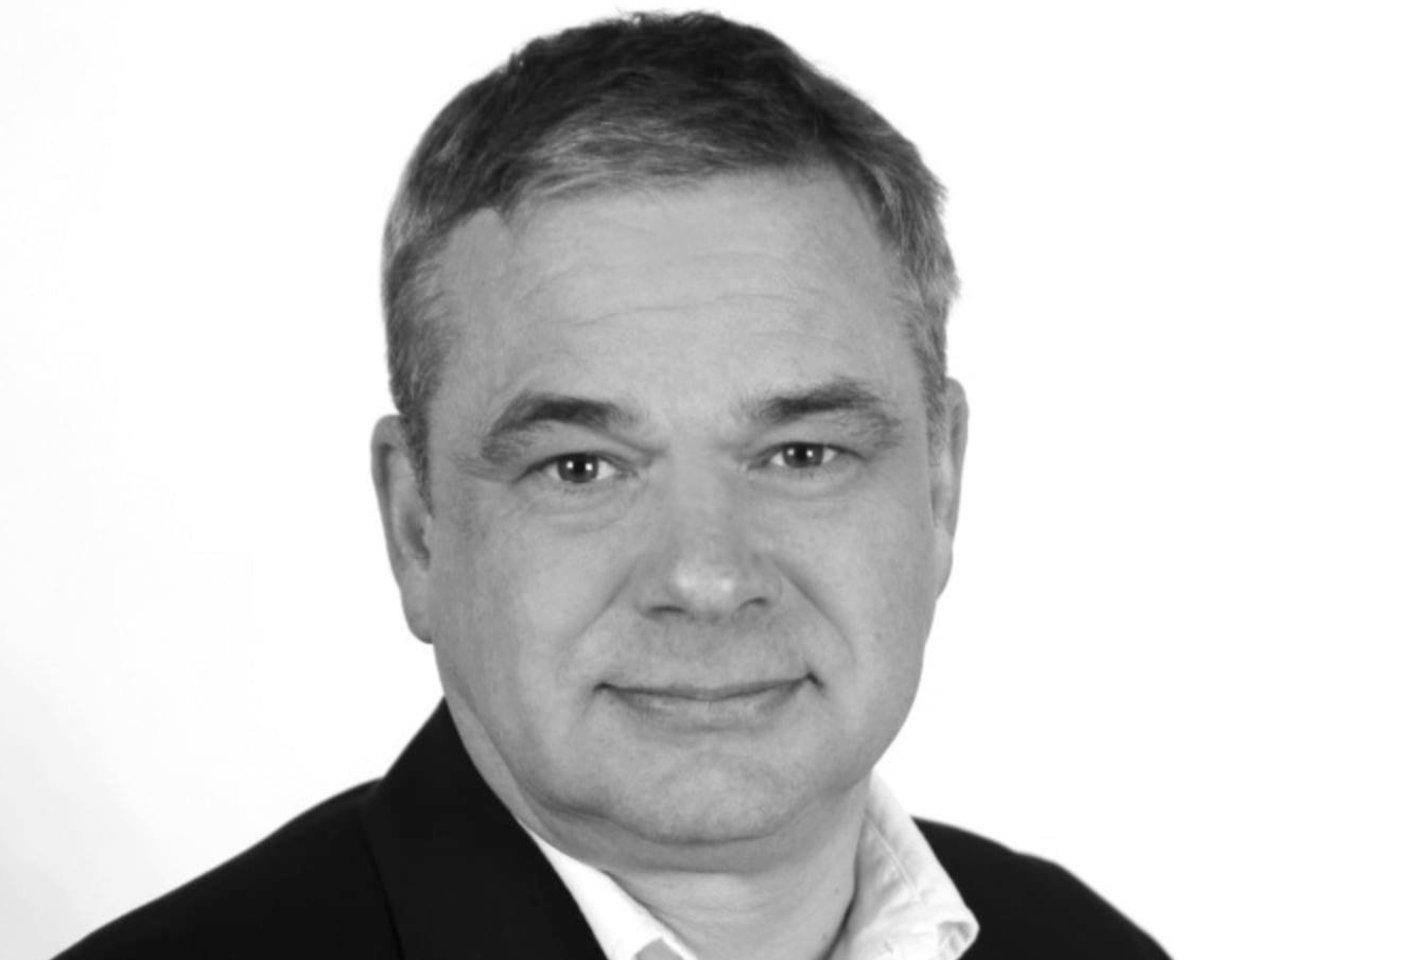 Mirė Plungės rajono savivaldybės tarybos narys T. Raudys.<br>Liberalų sąjūdžio nuotr.